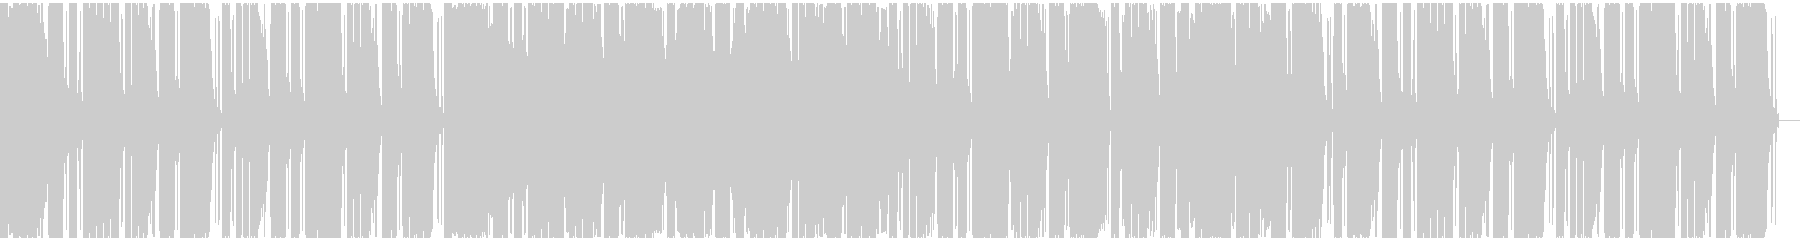 【フューチャーベース】ロング3の未再生の波形